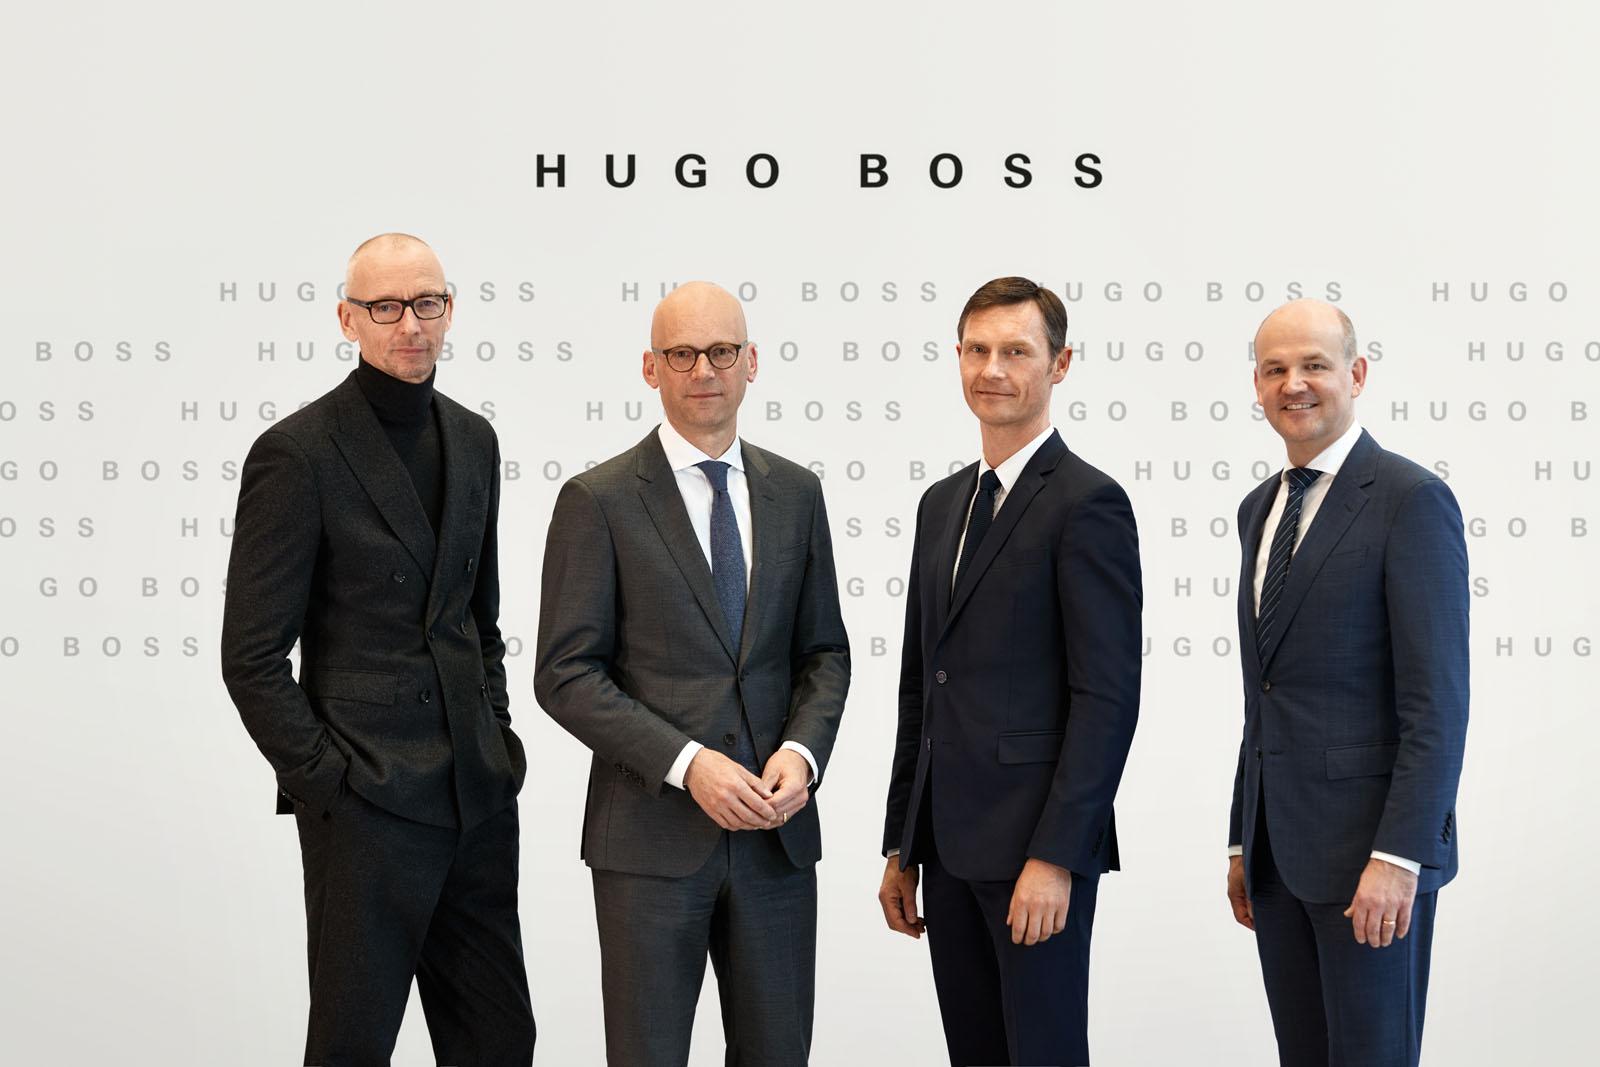 hugo boss droht nächster dämpfer